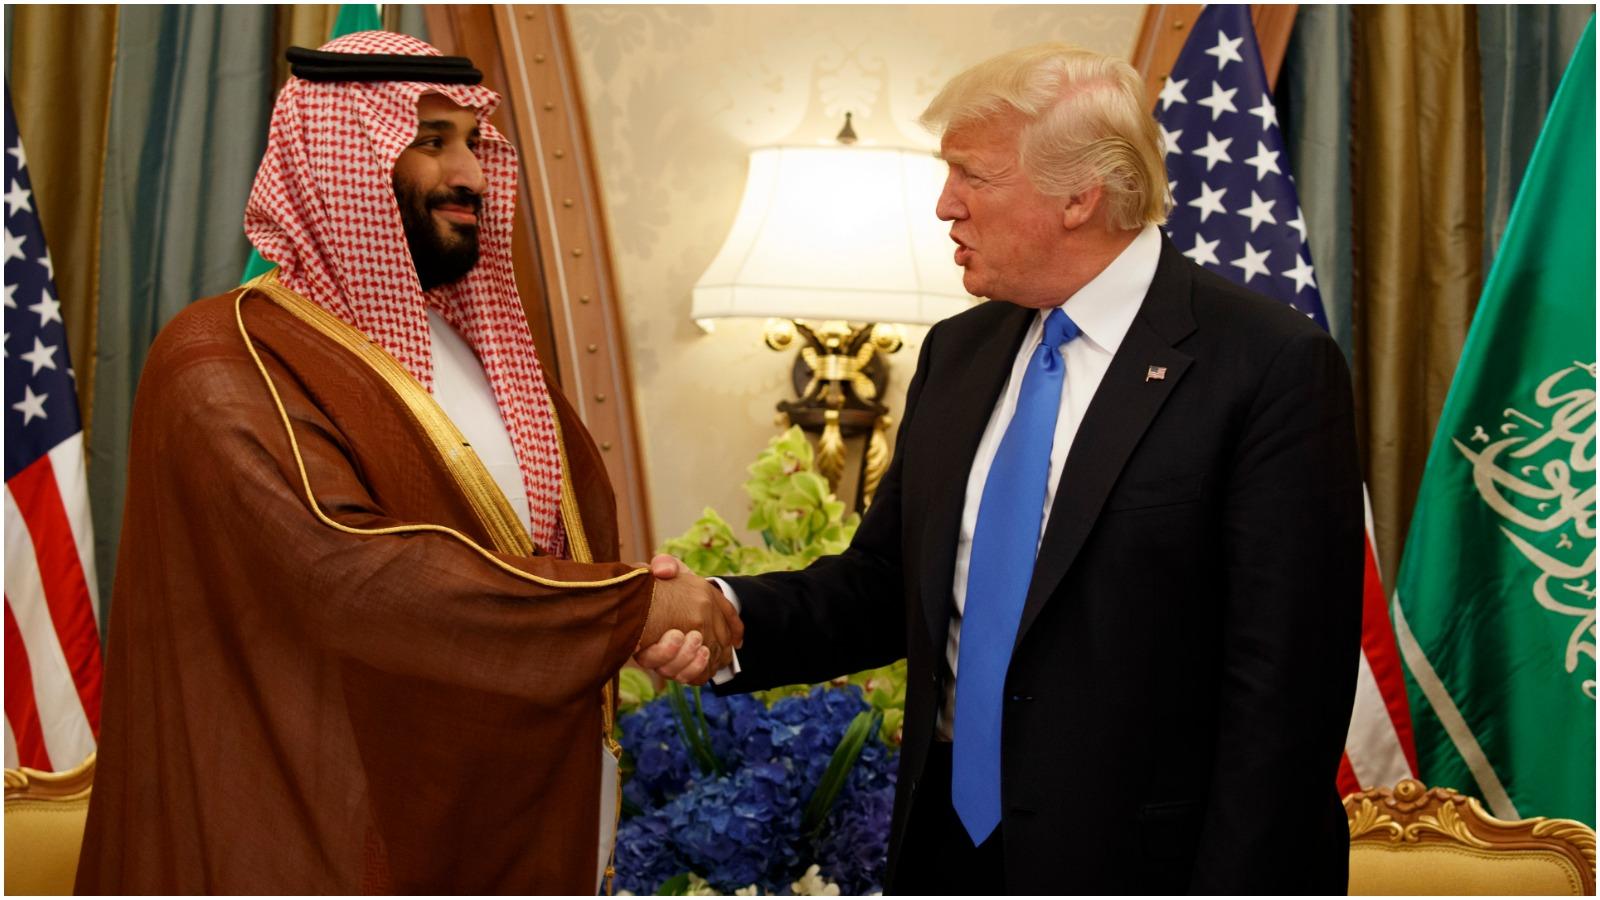 Mellemøstekspert Thomas Lippman om Saudi-Arabien: Det er nemt at se, hvorfor Prins Mohammad og Trump er gode venner: Begge har en stil, hvor de skyder først og tænker bagefter